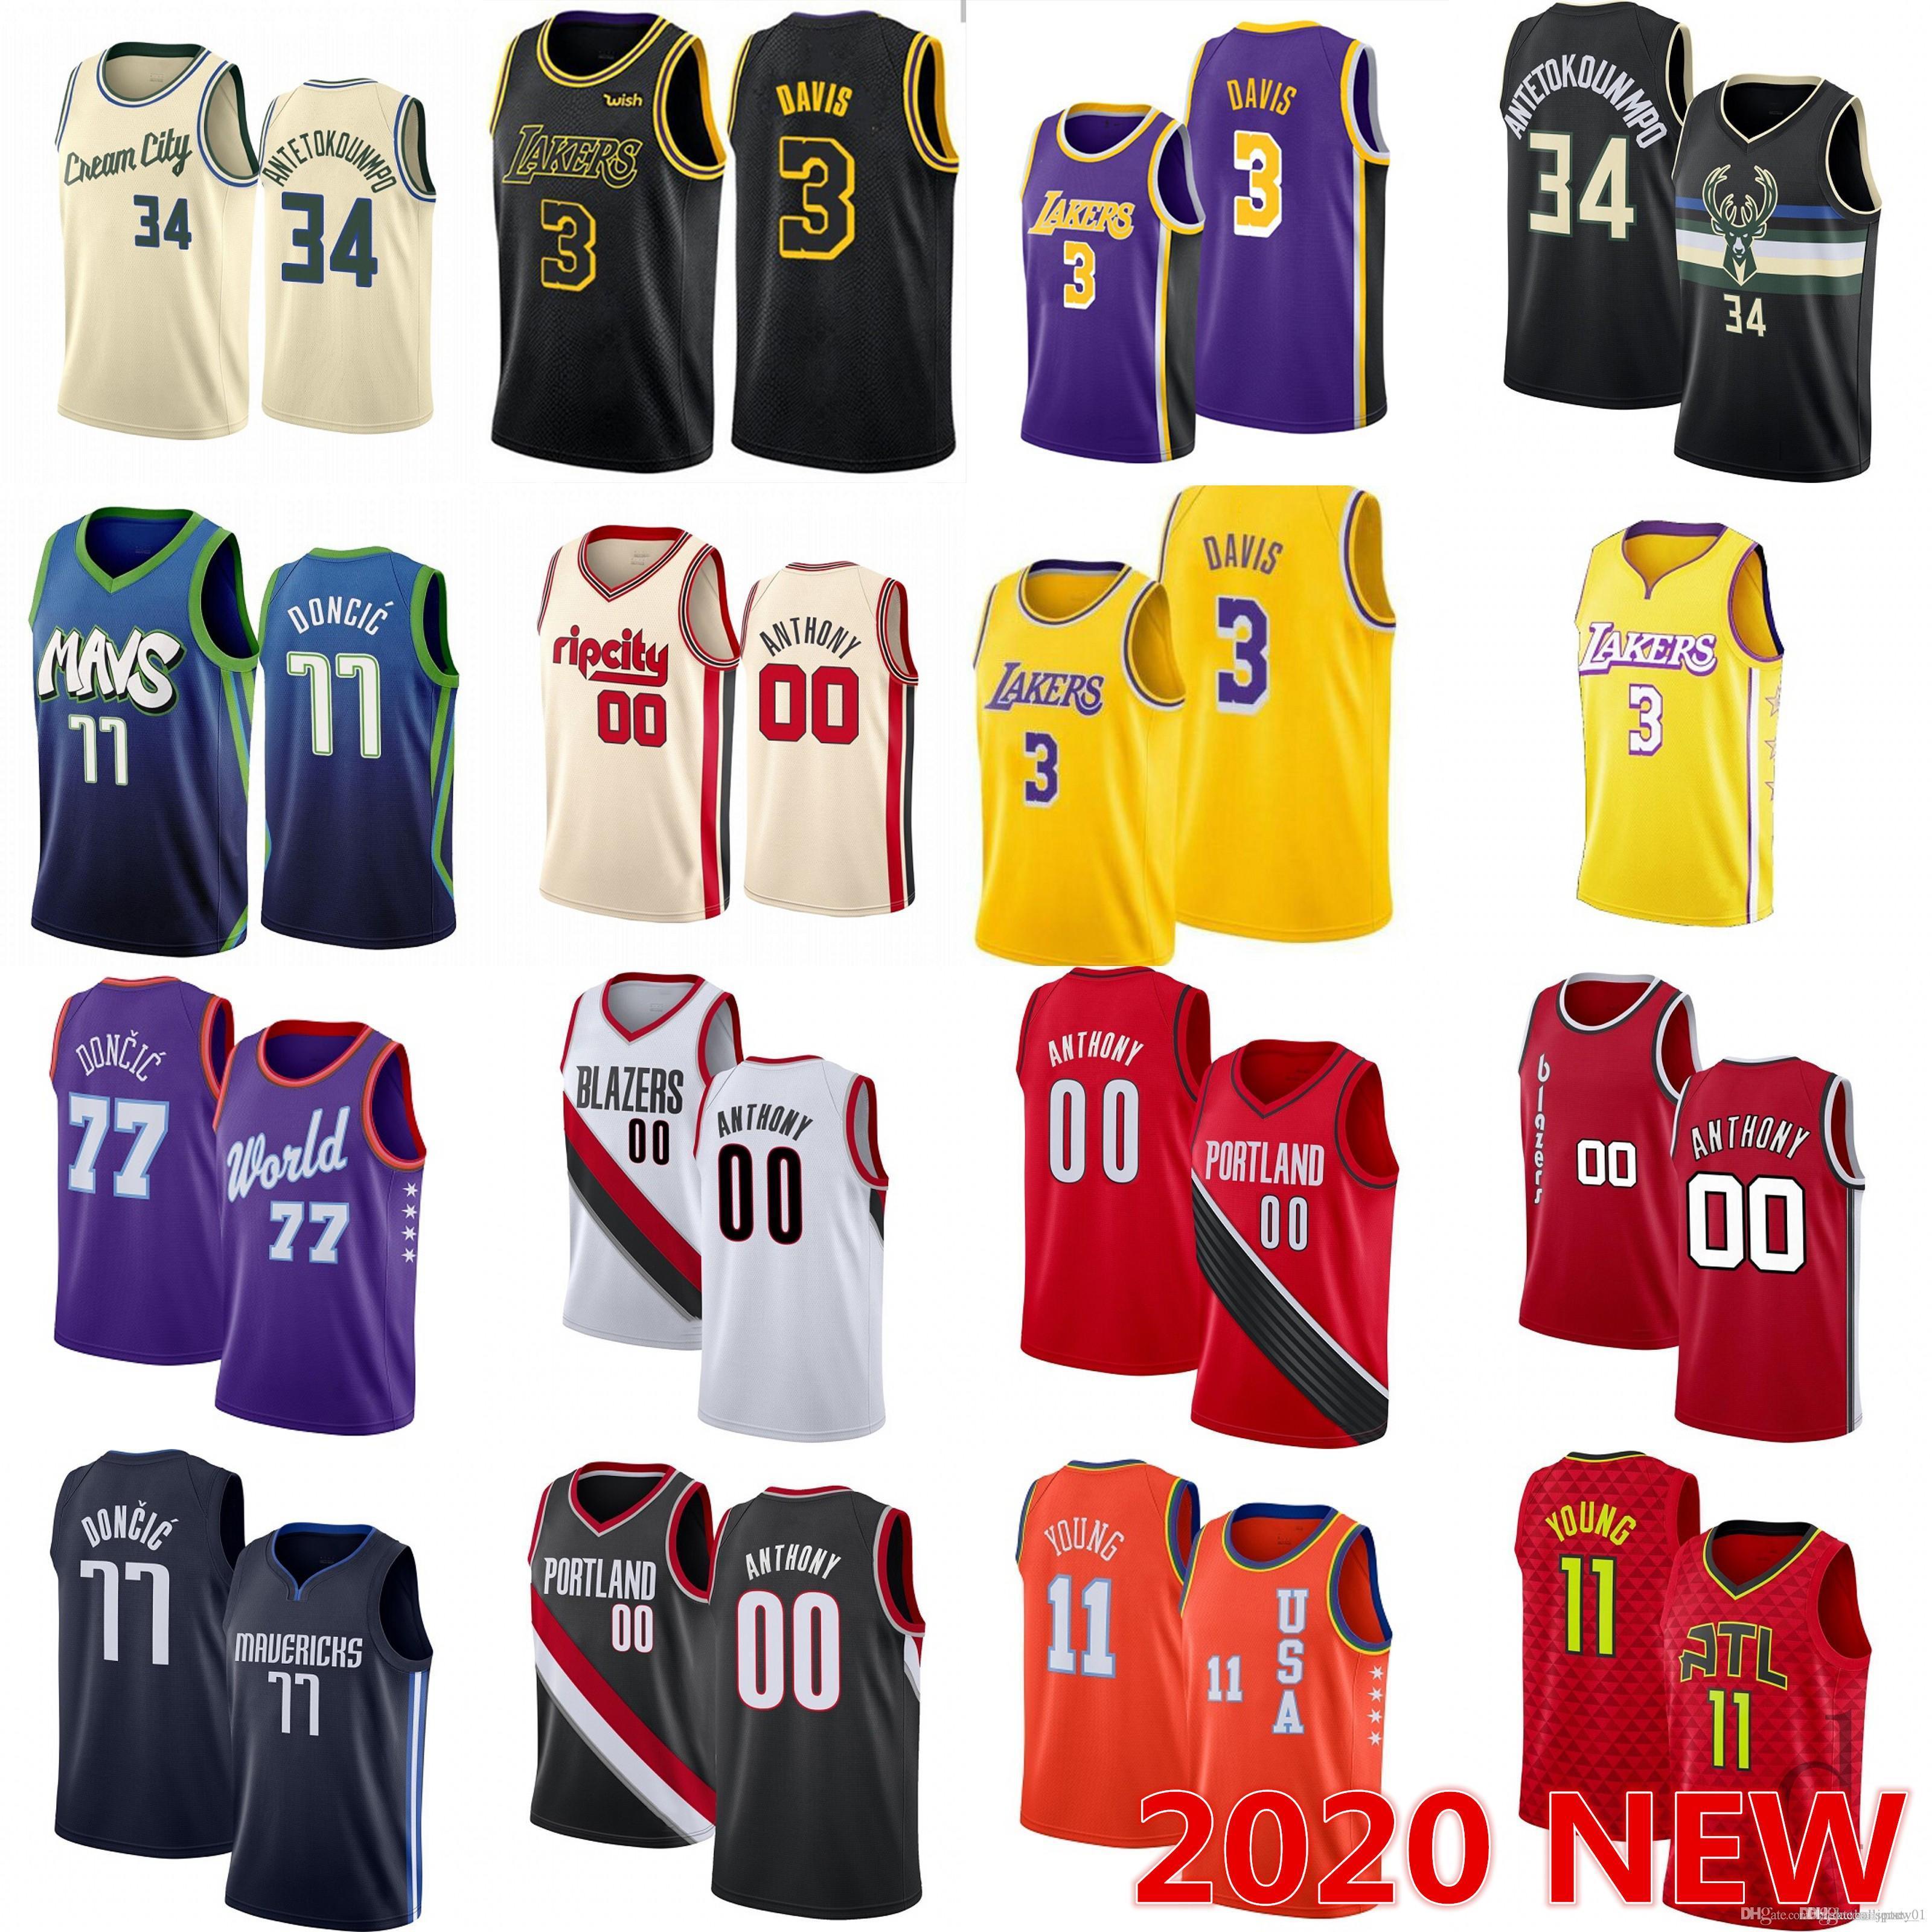 nbspBucks Carmelo 00 Anthony 3 Davis Giannis 34 Antetokounmpo Formalar Luka 77 Doncic 11 Genç 2 Gigi Koleji Erkekler NCAA Basketbol Forması